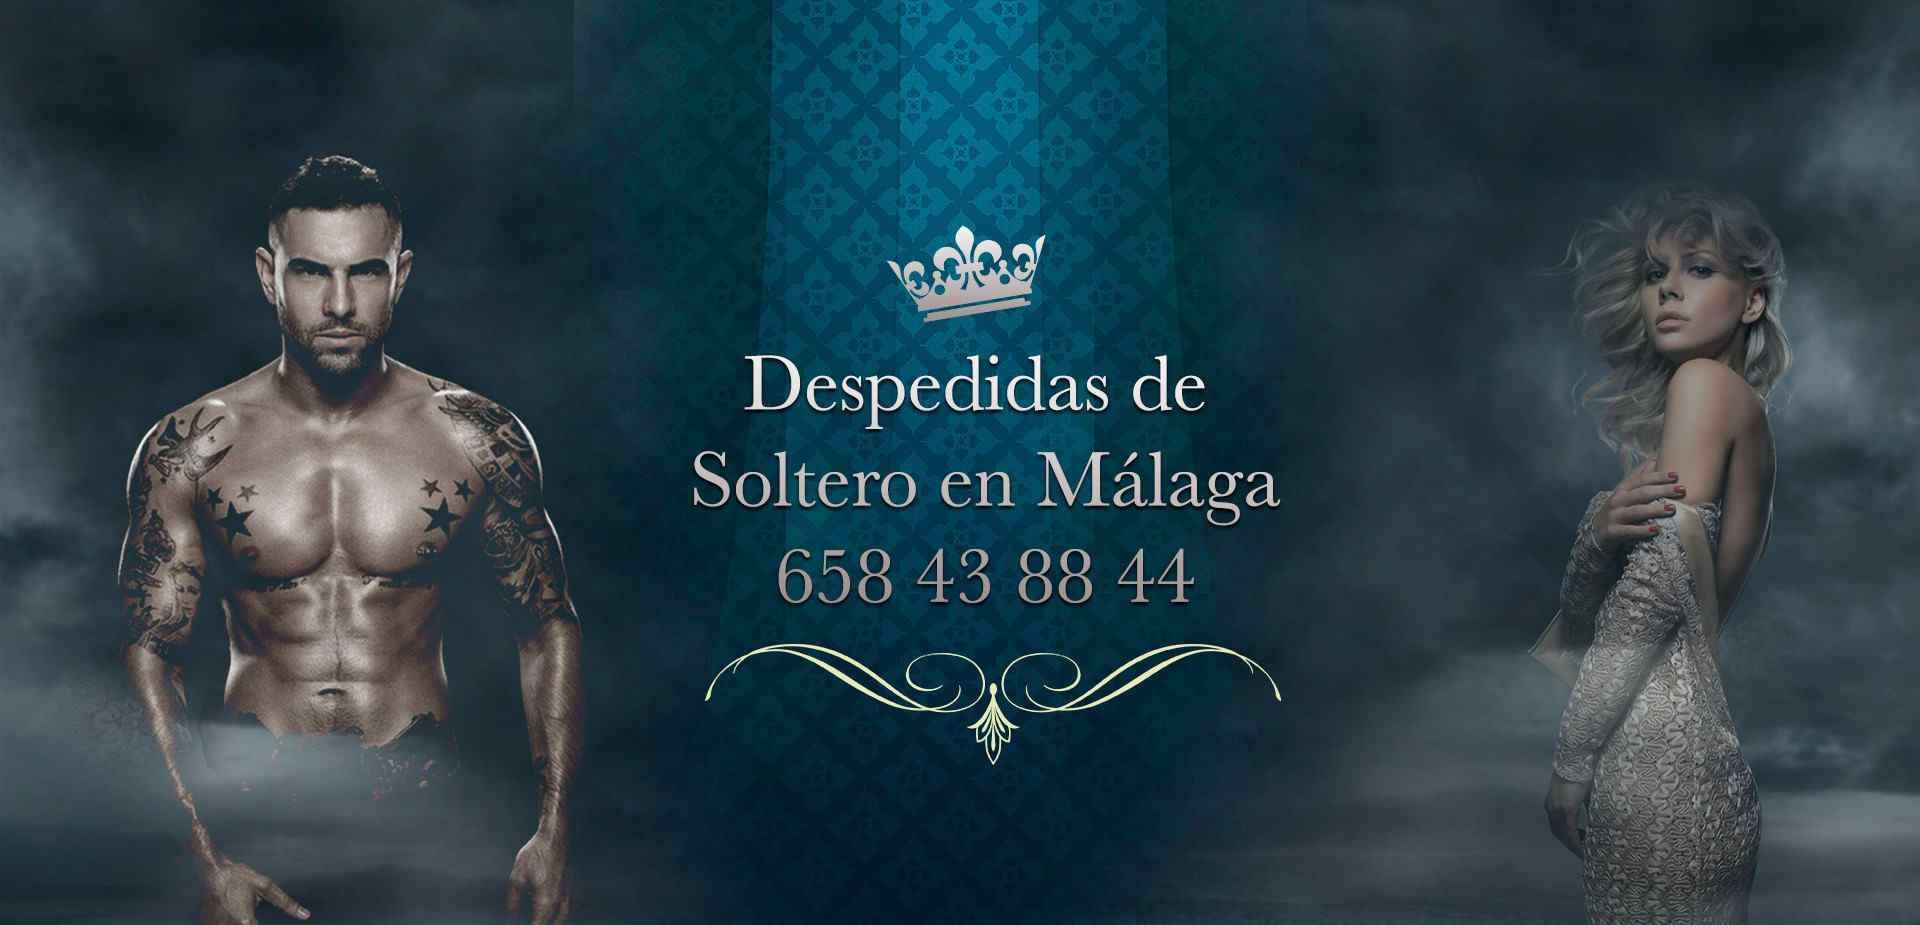 Foto de Despedidas de soltero en Malaga